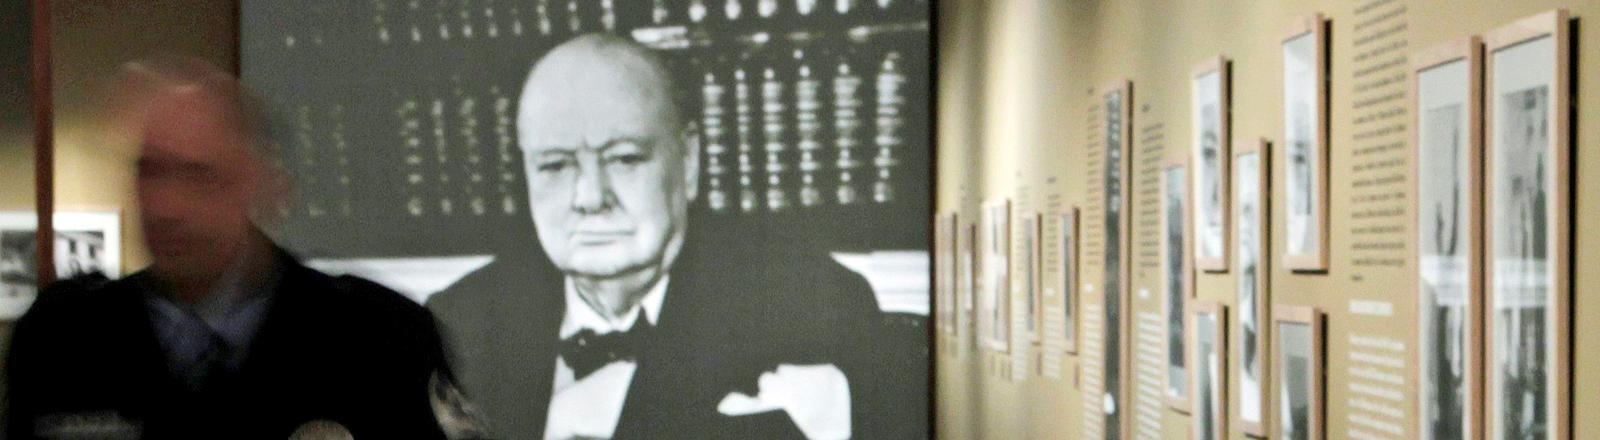 Eine Szene aus der Ausstellung 'Caminando con el destino. Winston Churchill y Espana:1874 _ 1965' in Madrid.